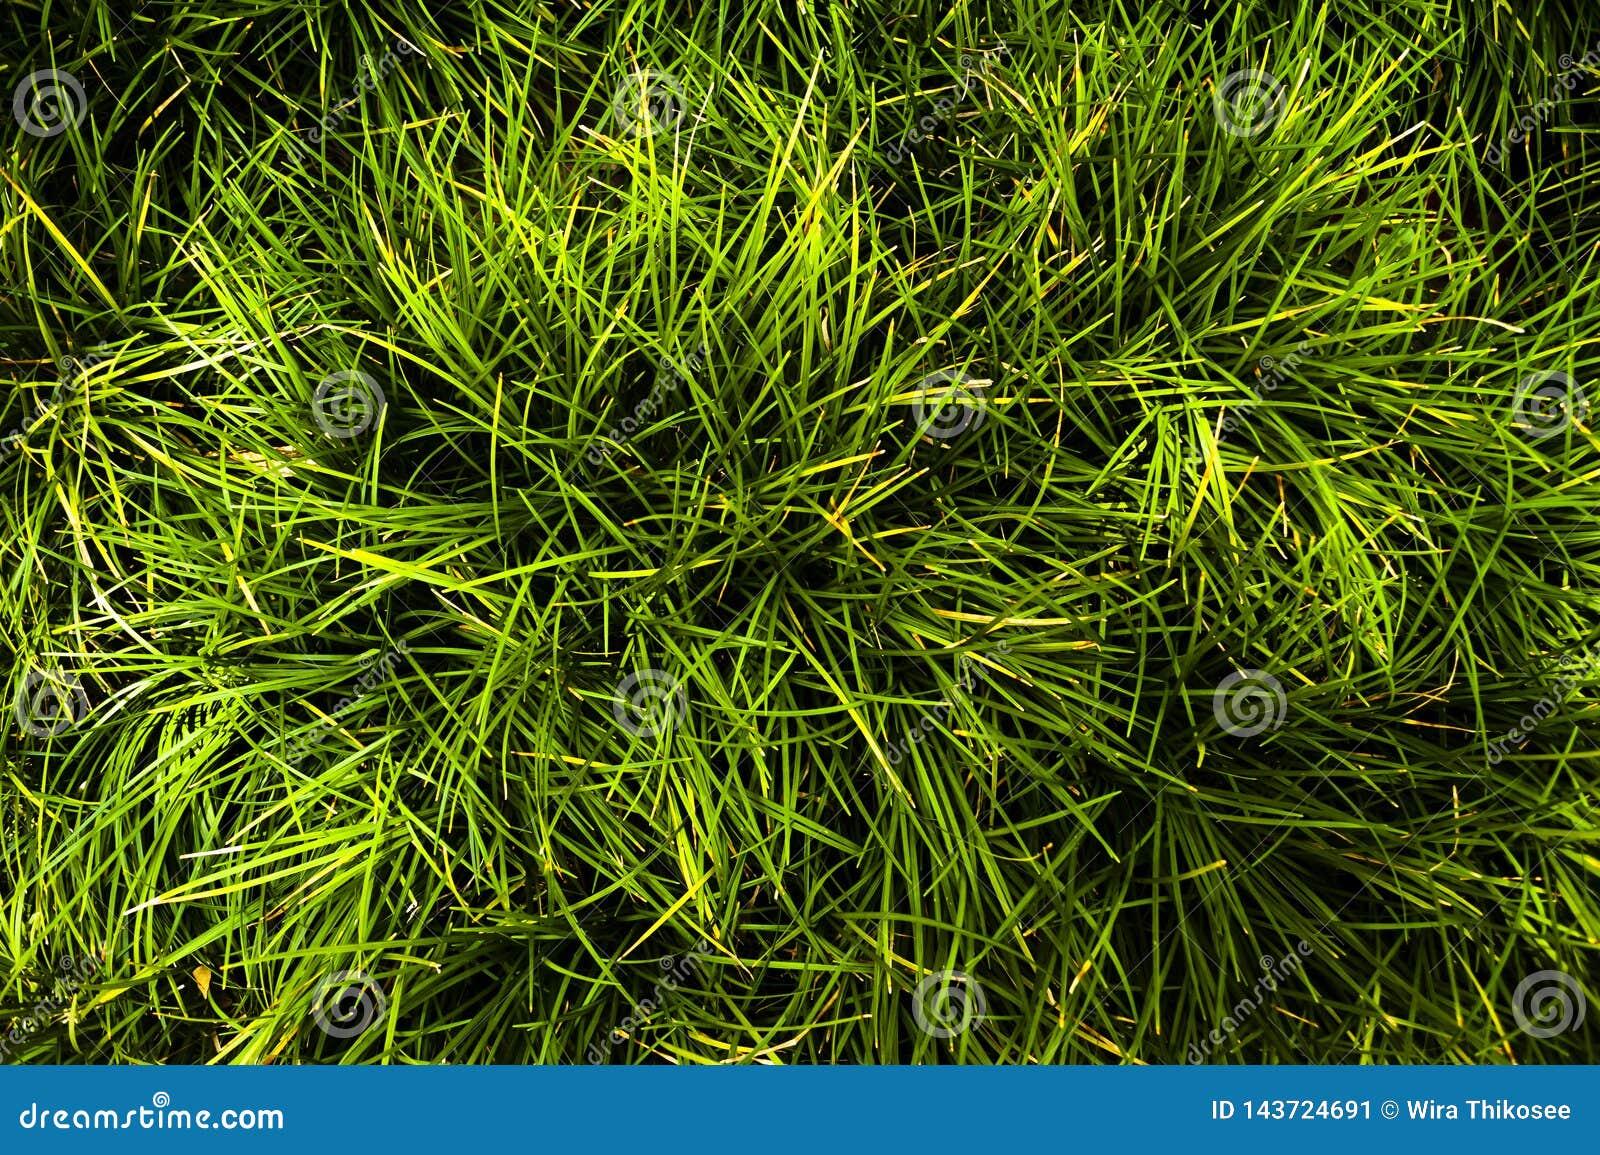 Gras auf Feld, Blatt sind viel Linie